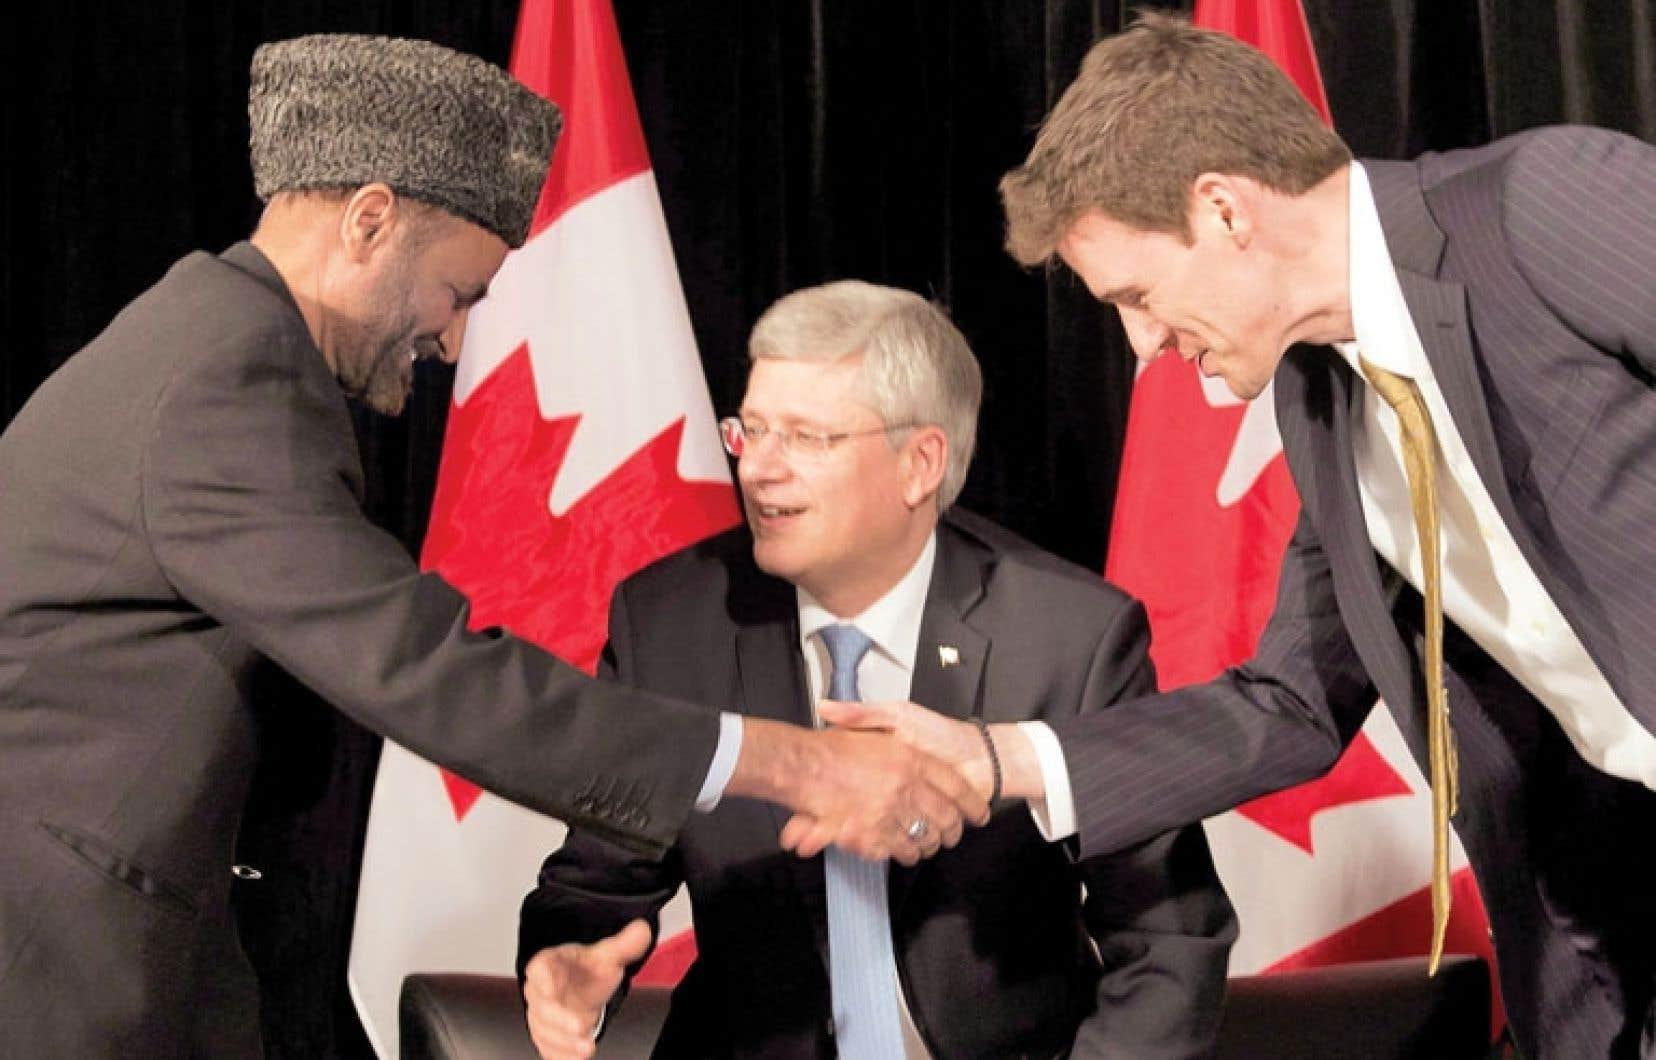 Andrew Bennett (à droite) est l'ambassadeur du nouveau Bureau de la liberté de religion, qui devra protéger les minorités religieuses dans le monde. Il sert ici la main de Lai Khan Malik, clerc musulman, sous les yeux de Stephen Harper.